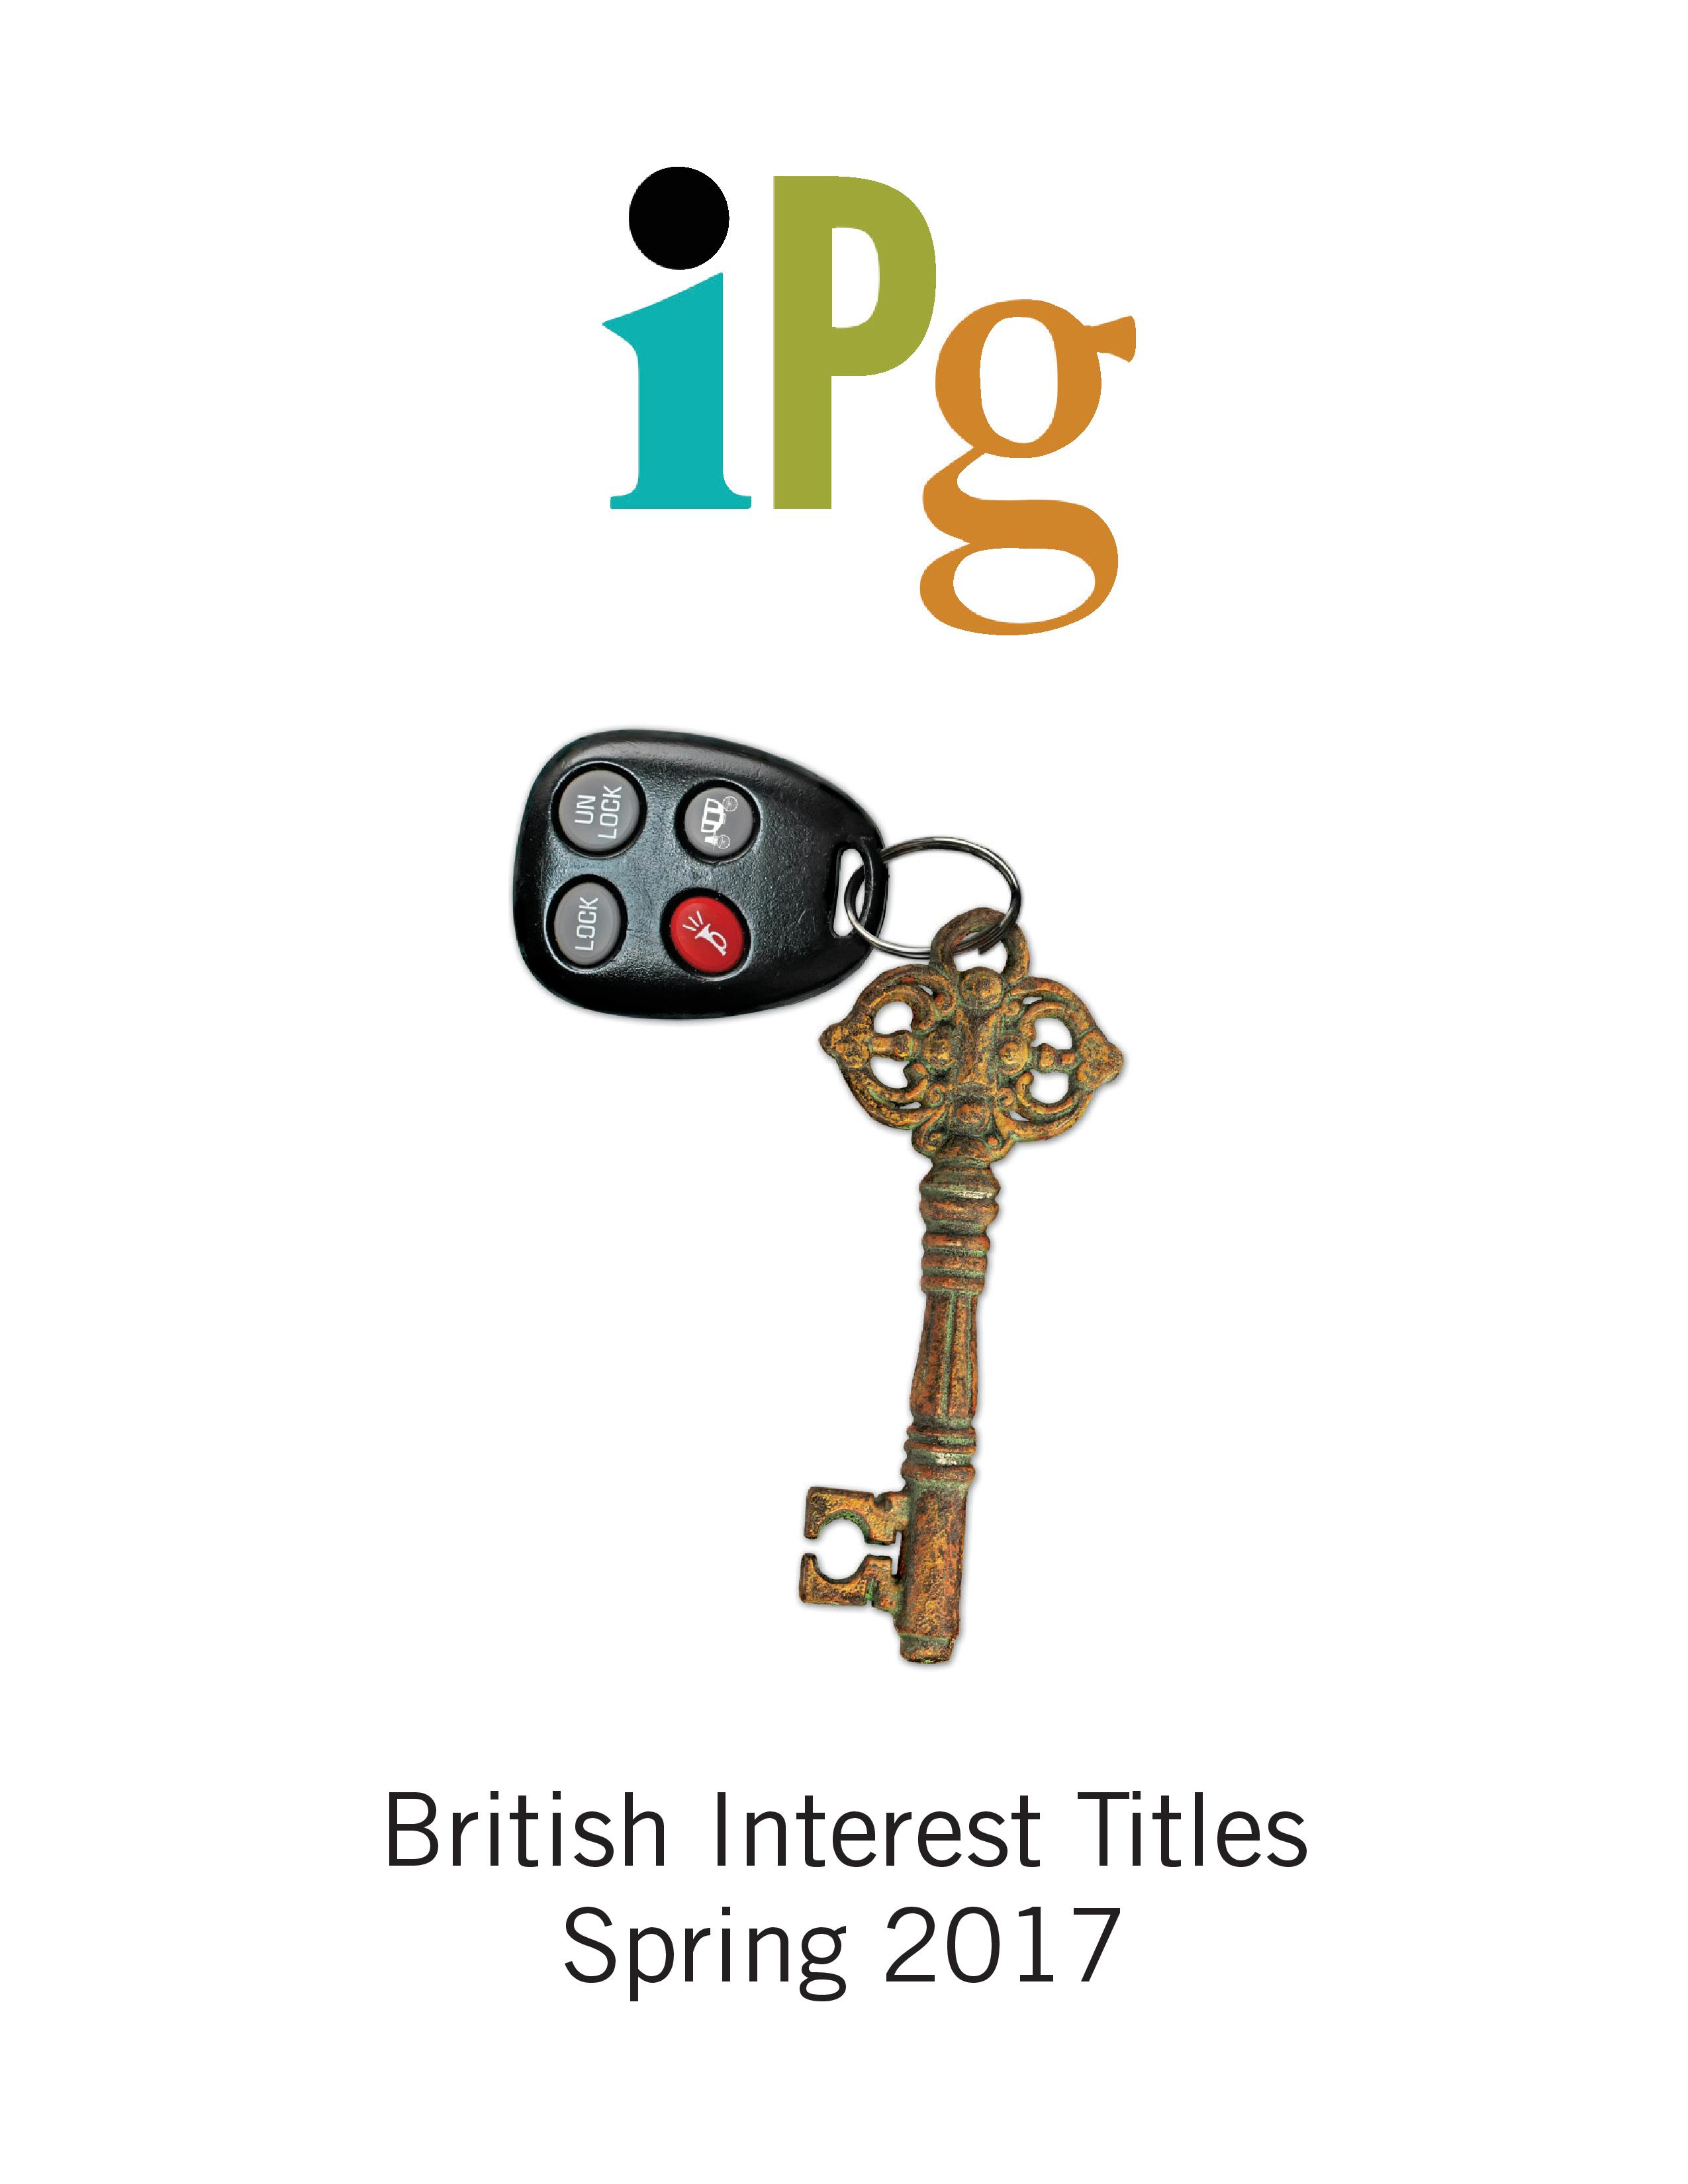 British Interest Titles